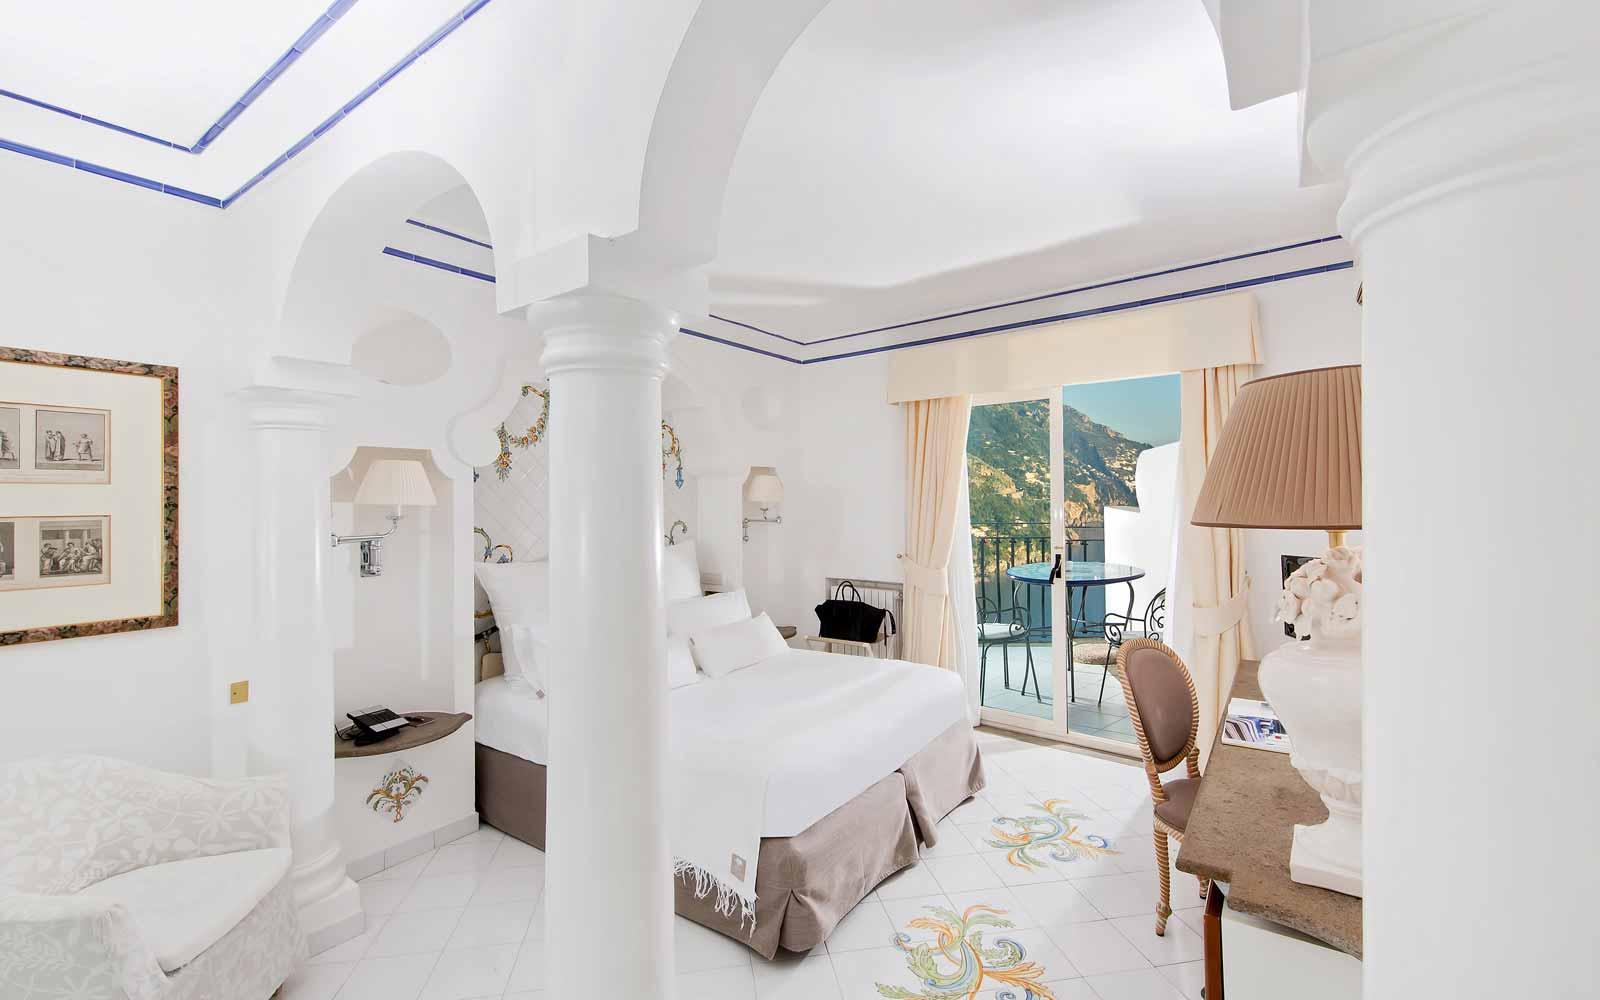 Room at Hotel Villa Franca